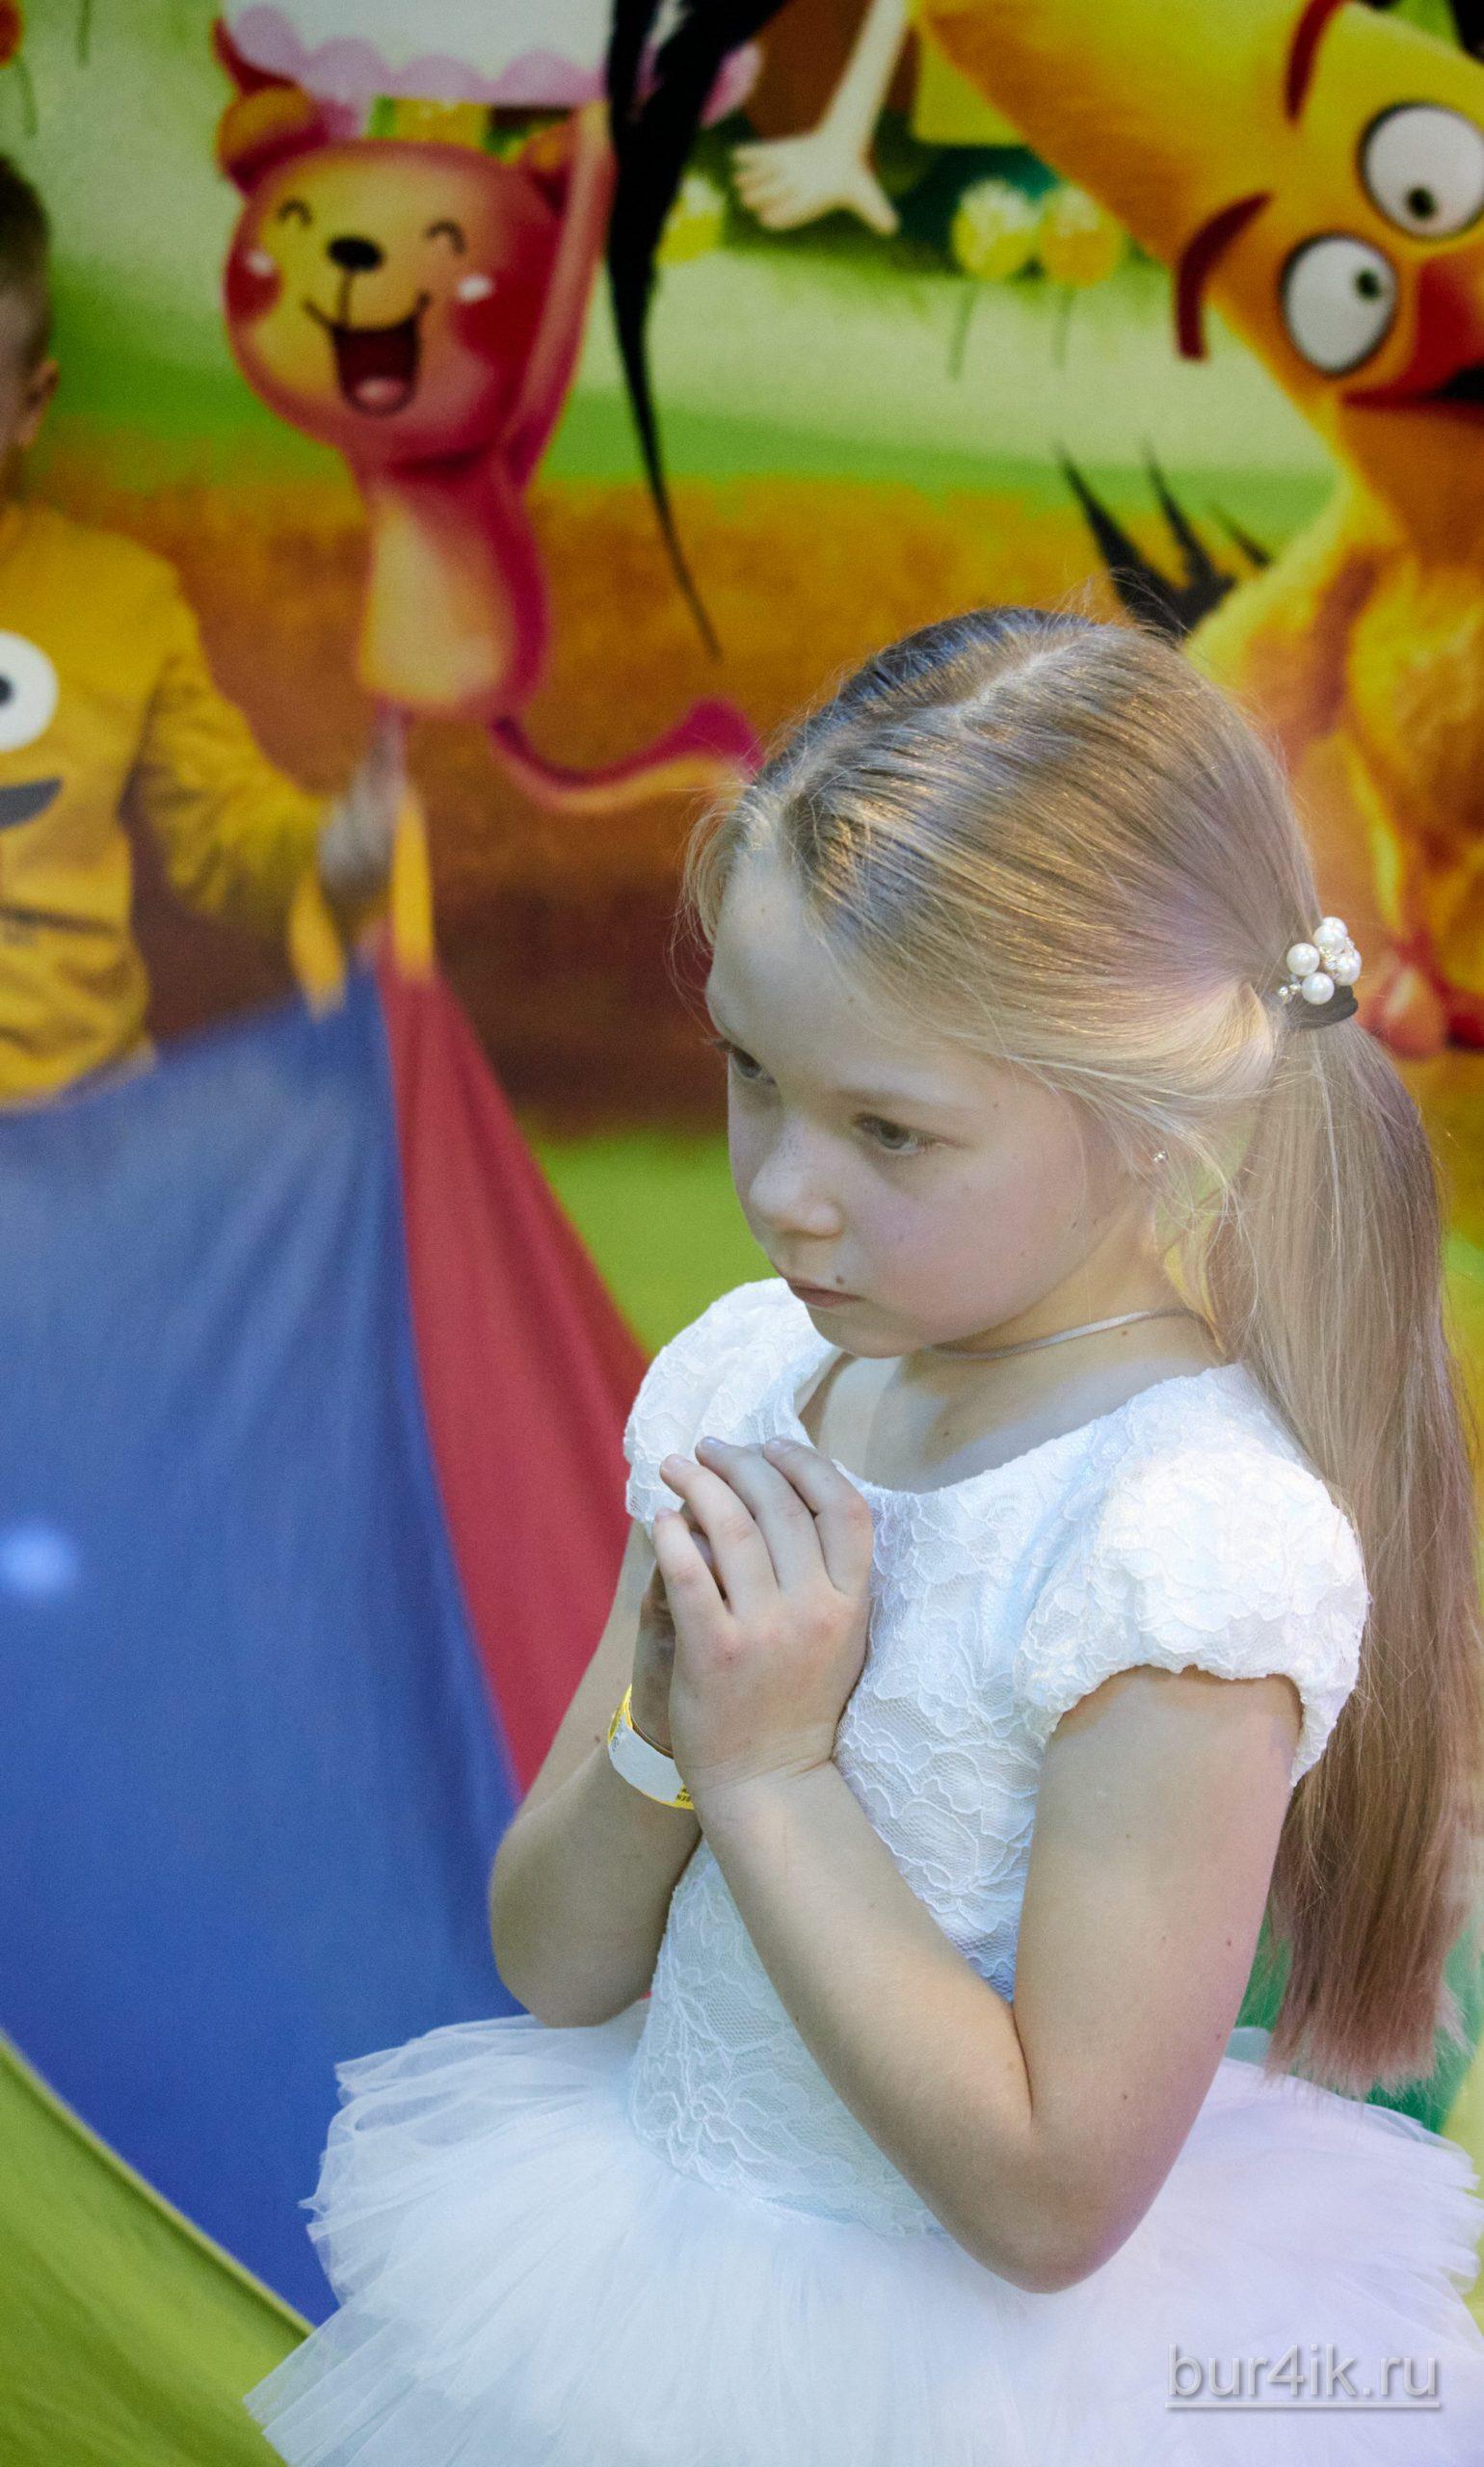 Фото Детское День Рождения в Детский Дворик 15.01.2020 №224 -photo- bur4ik.ru